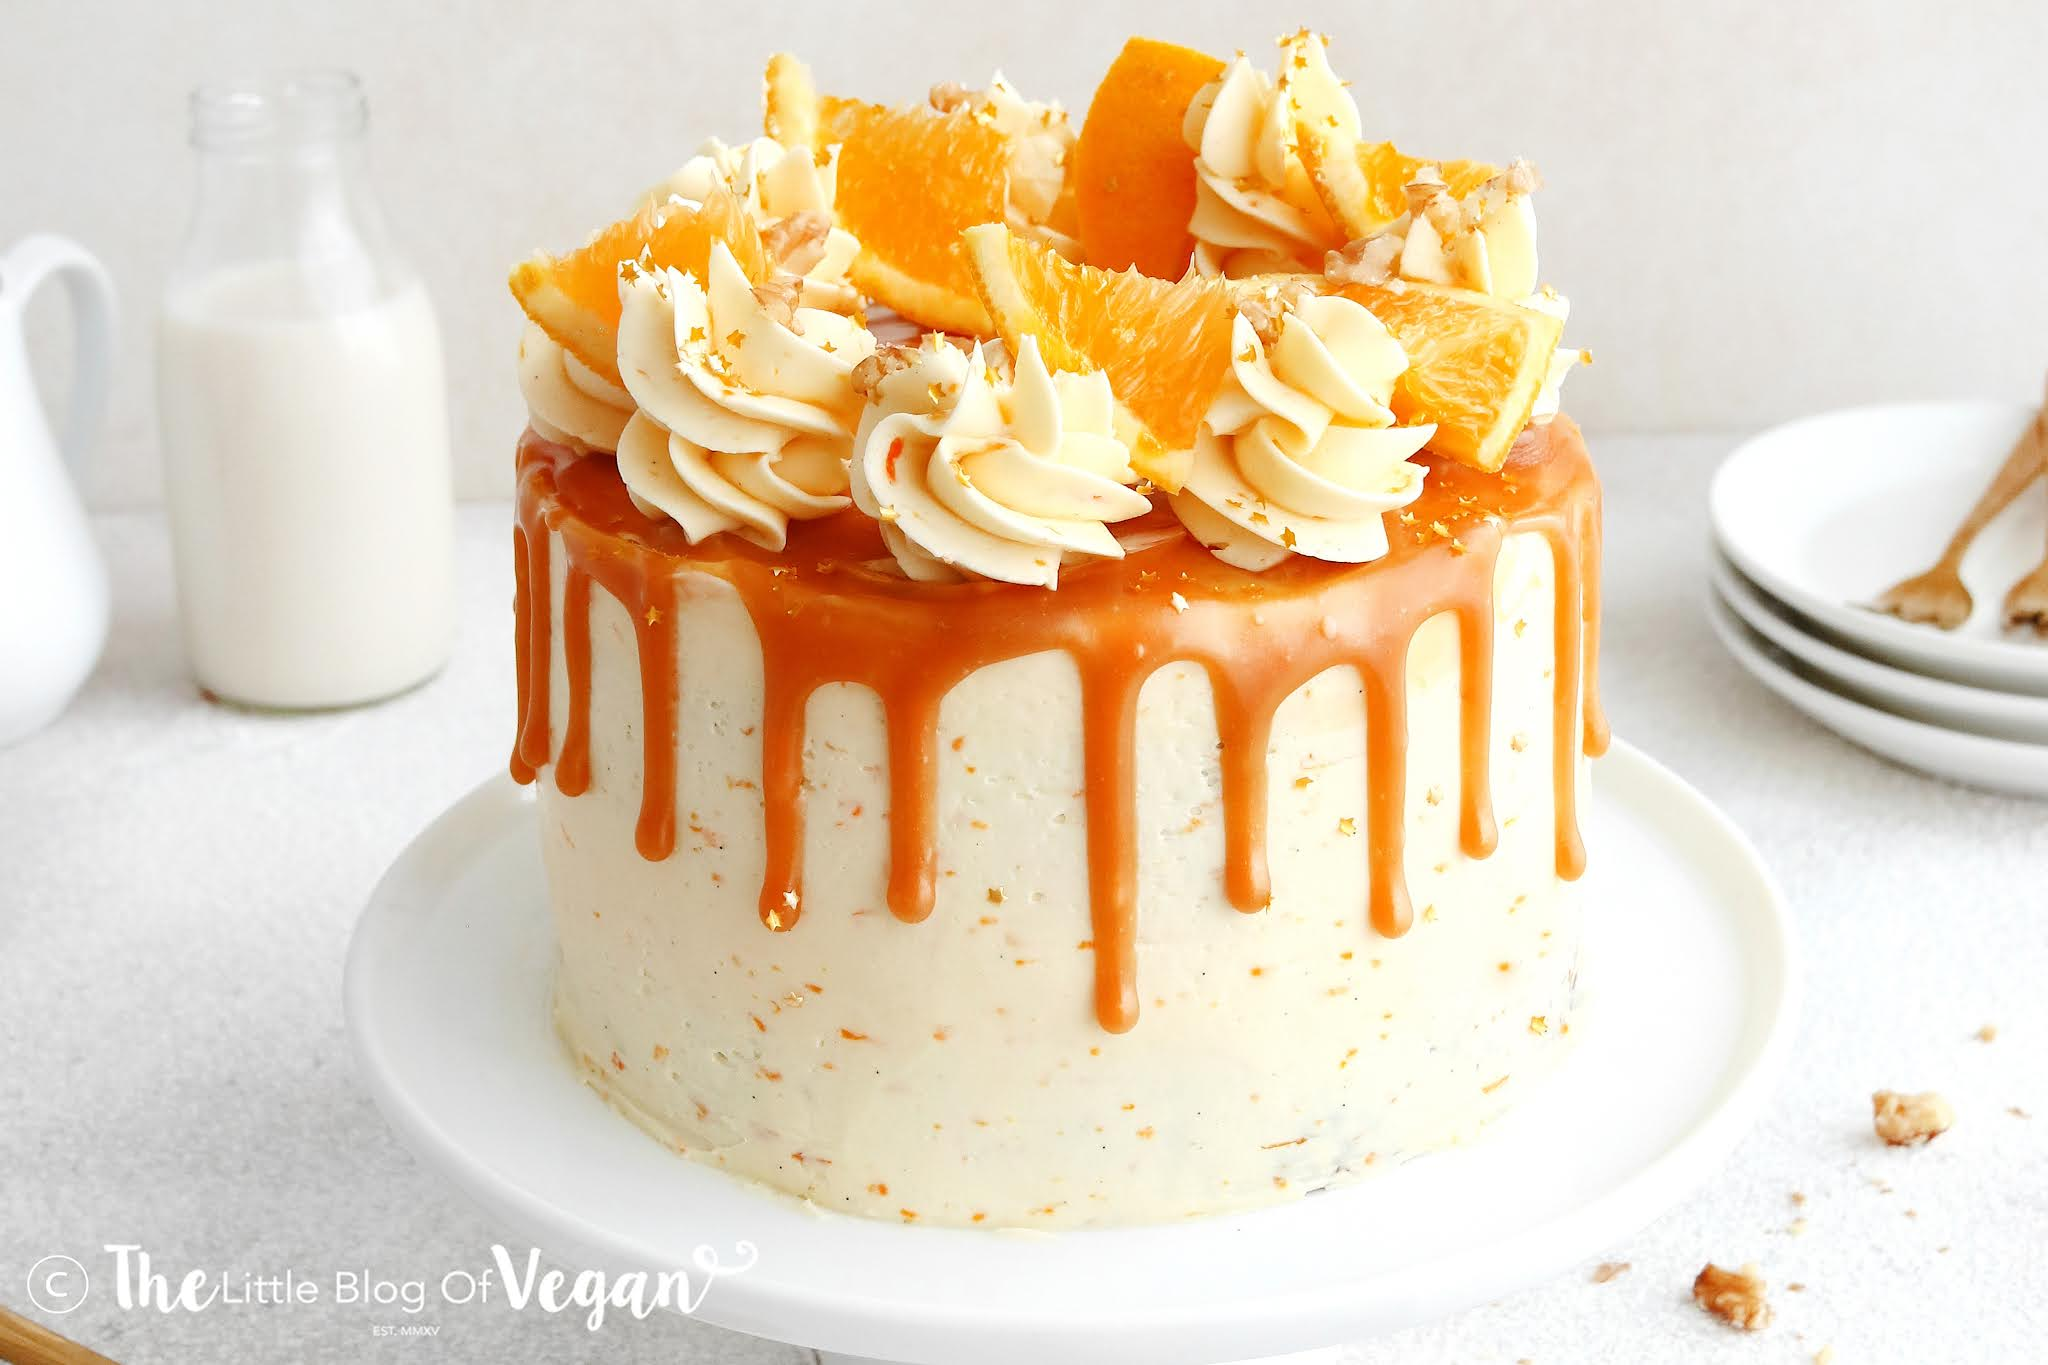 The BEST Vegan Carrot Cake